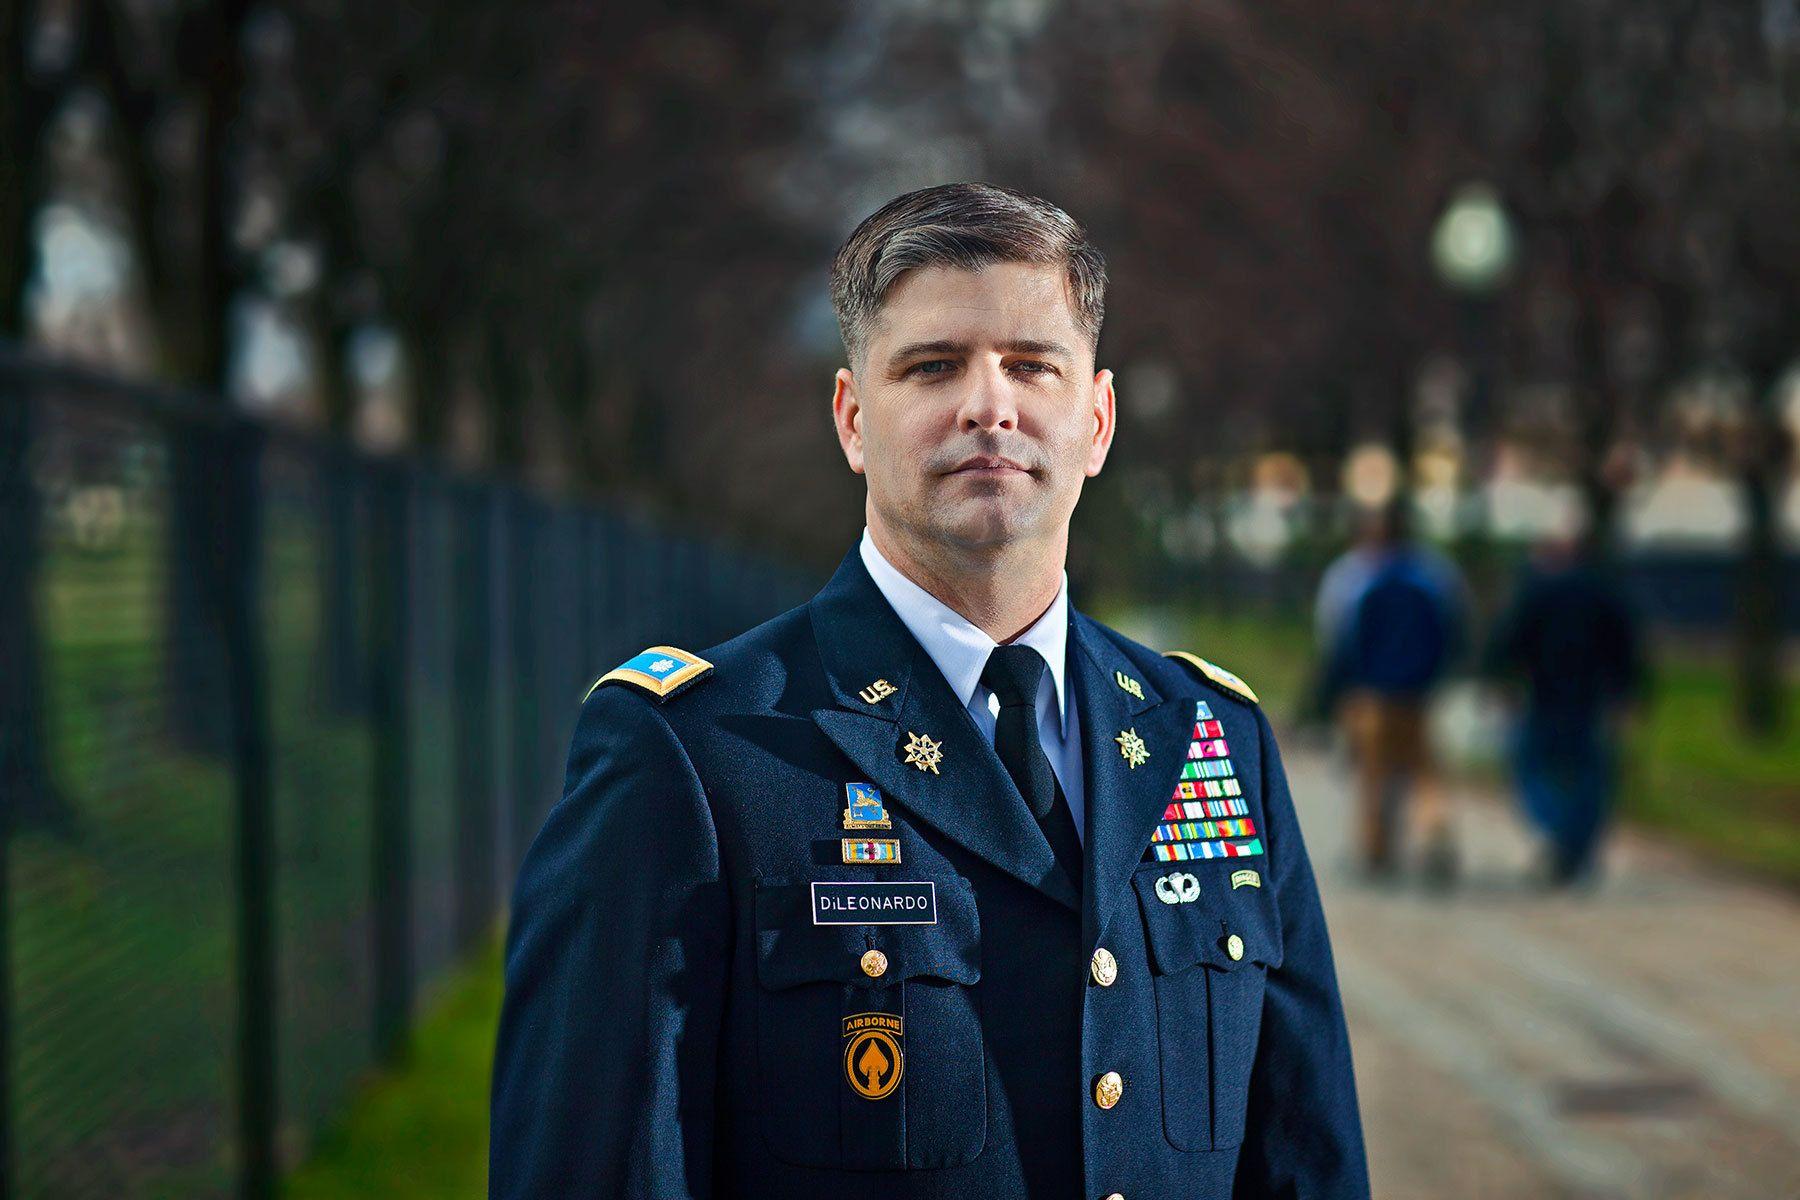 US Army Lt. Colonel Al Di Leonardo near the Lincoln Memorial-  Washington, DC